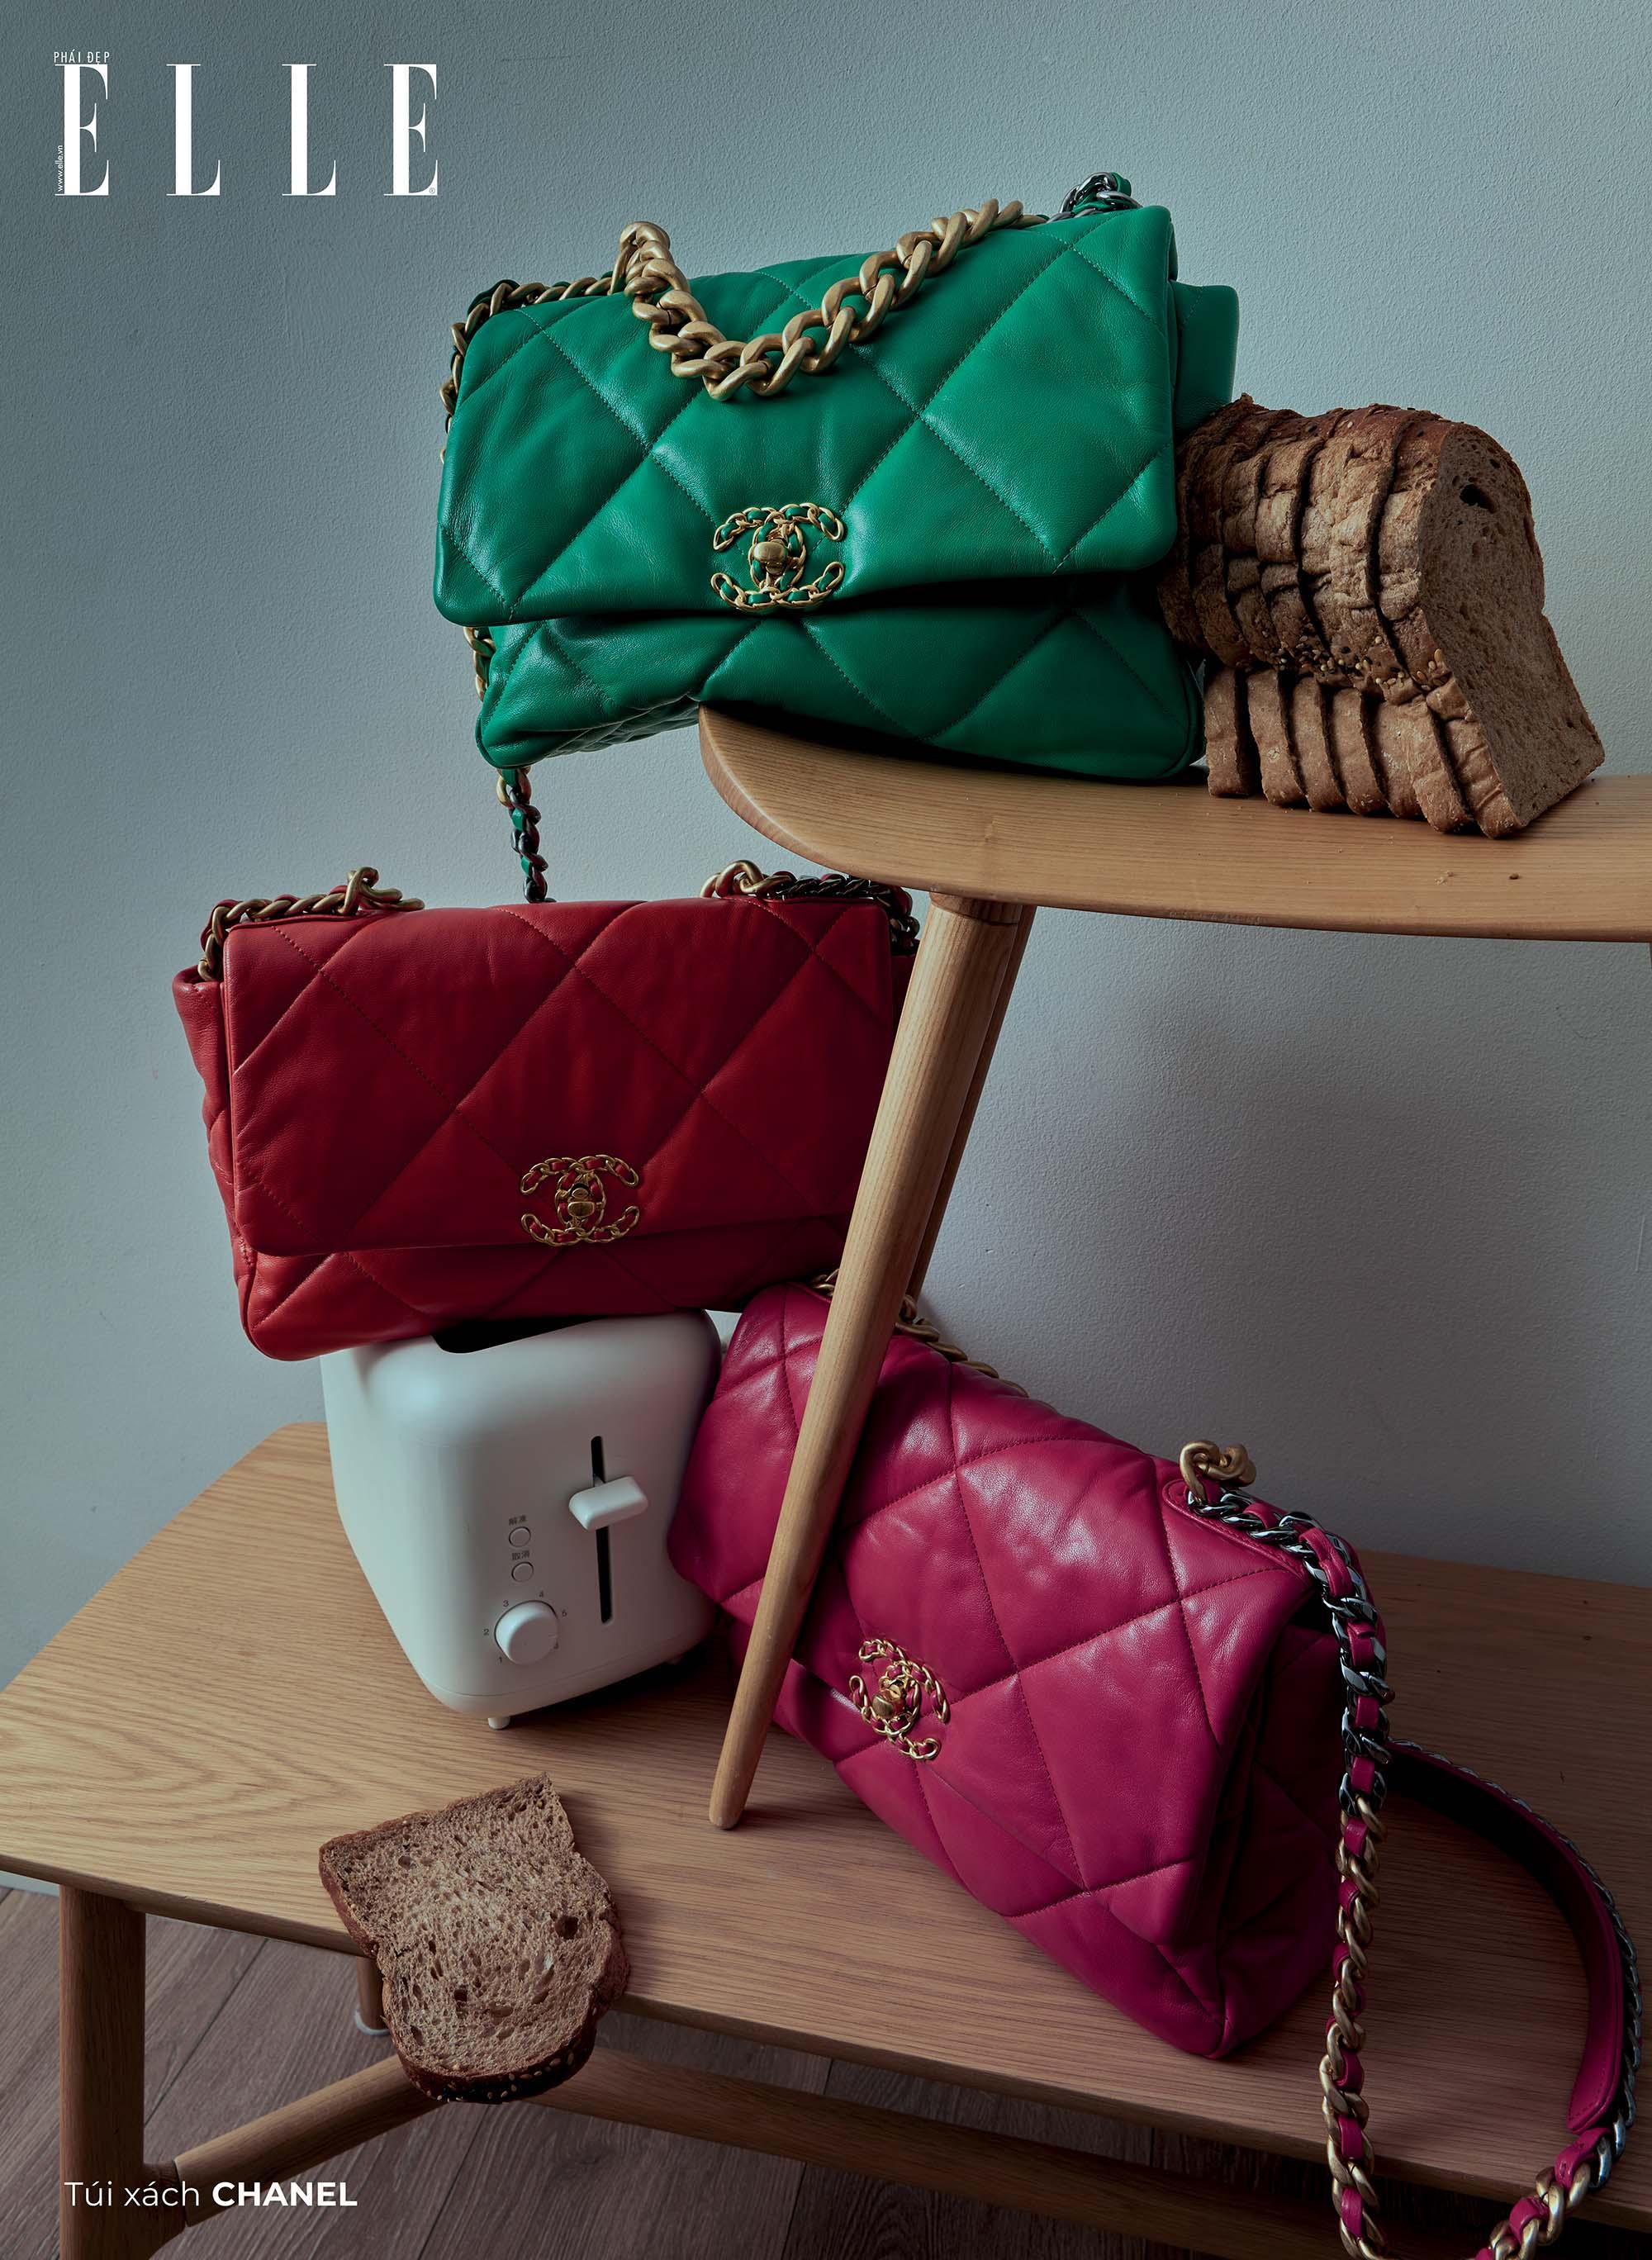 bộ ảnh phụ kiện thời trang Xuân Hè 2020 túi xách Chanel